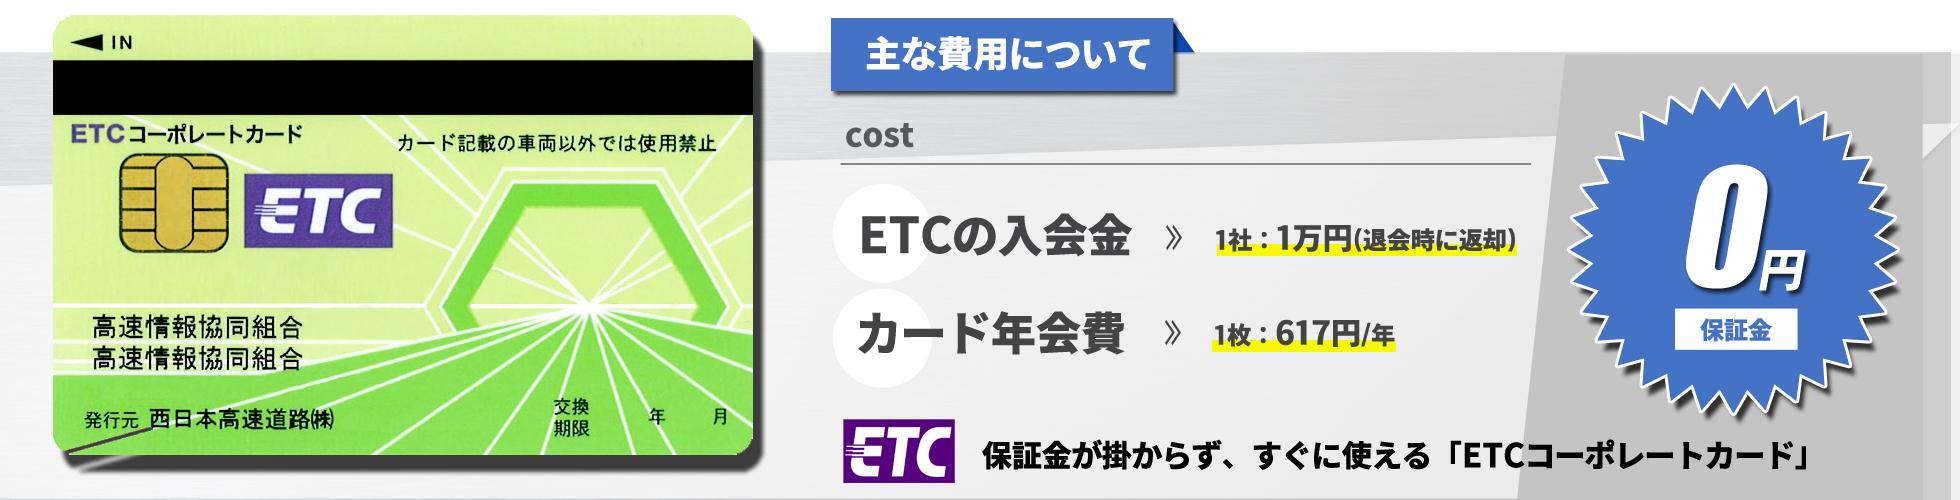 ETCコーポレートカードの入会・申込み